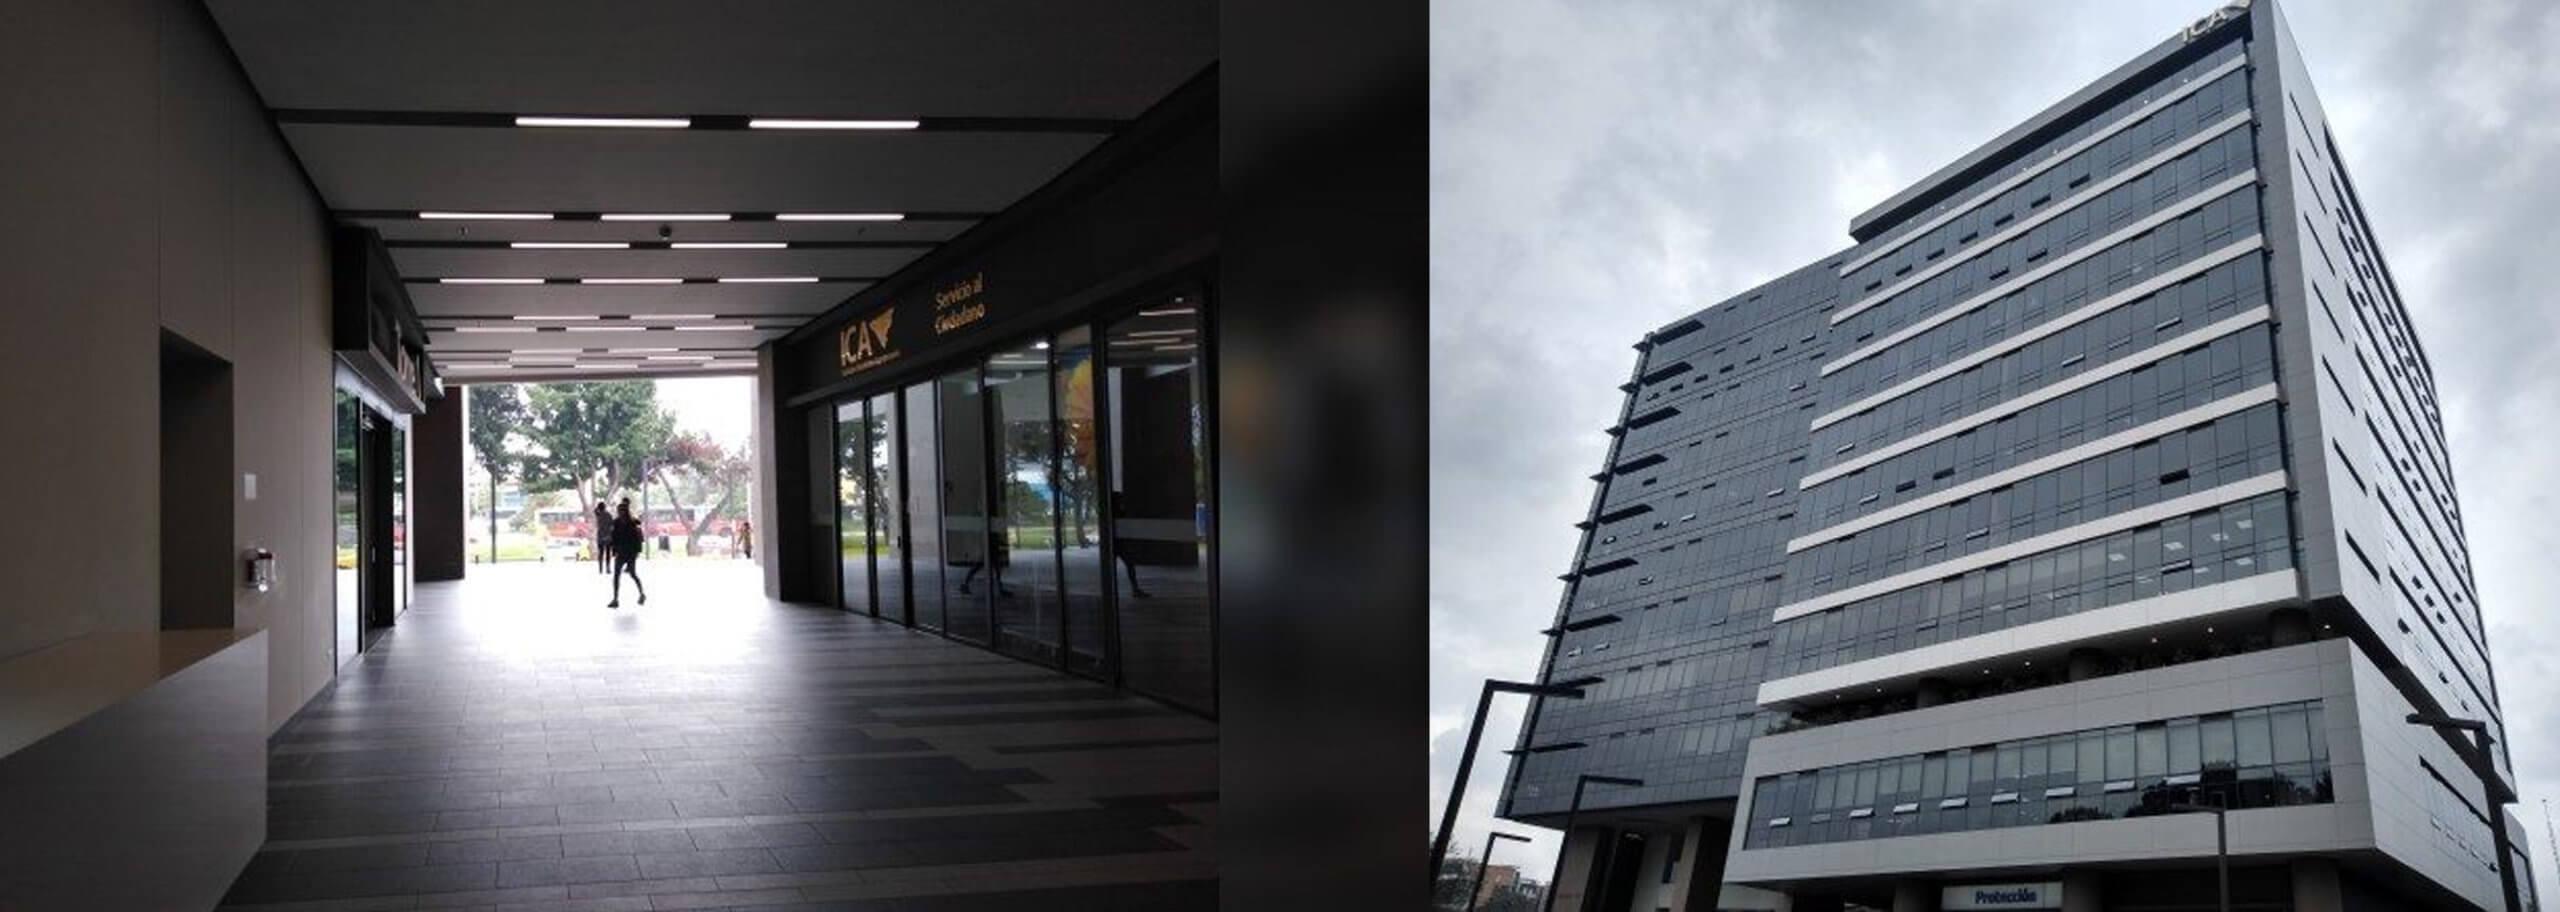 Proyecto Centro Empresarial Calle 26 Bogotá